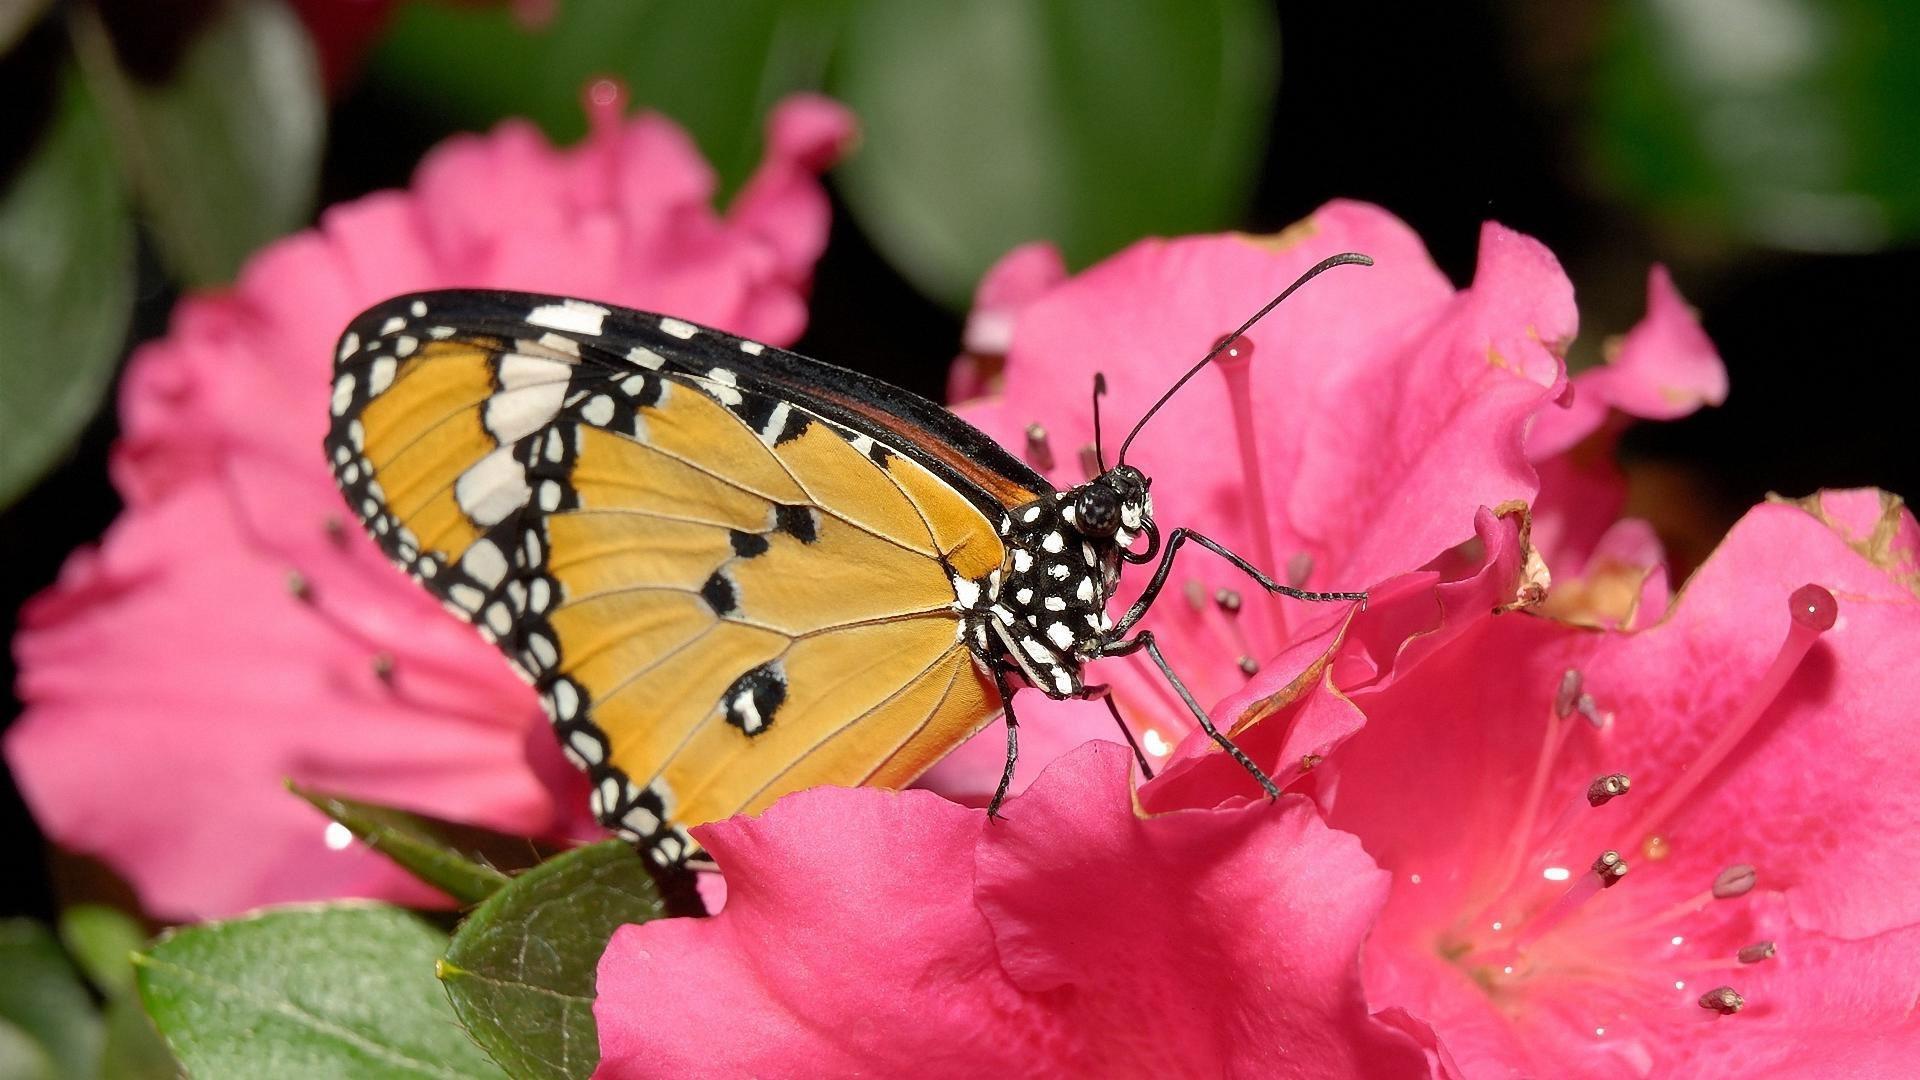 Butterfly On A Flower wallpaper photo hd